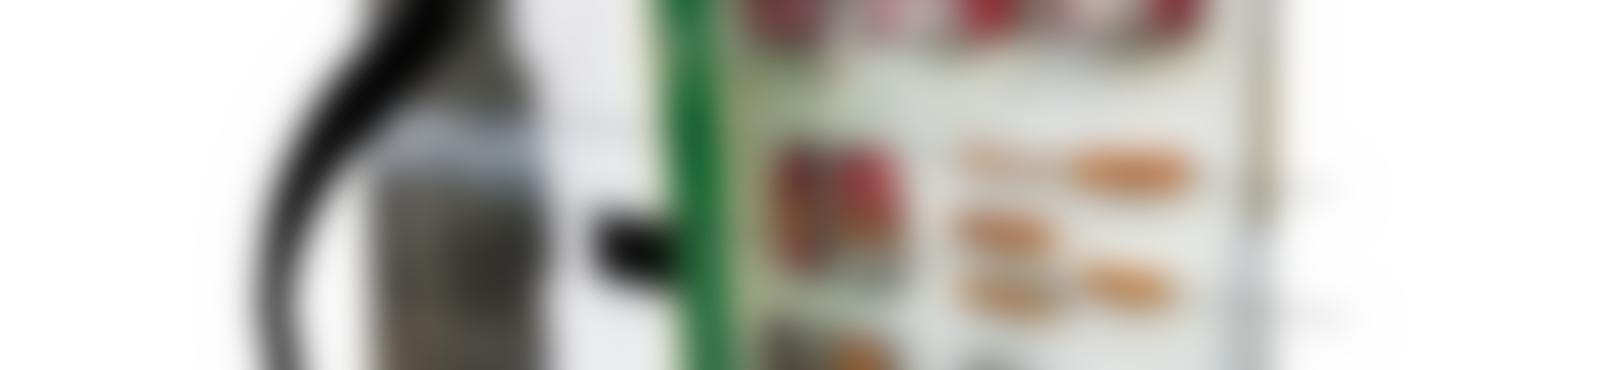 Blurred 4a0651fd eee8 4f3d bb00 59549f6cf38a